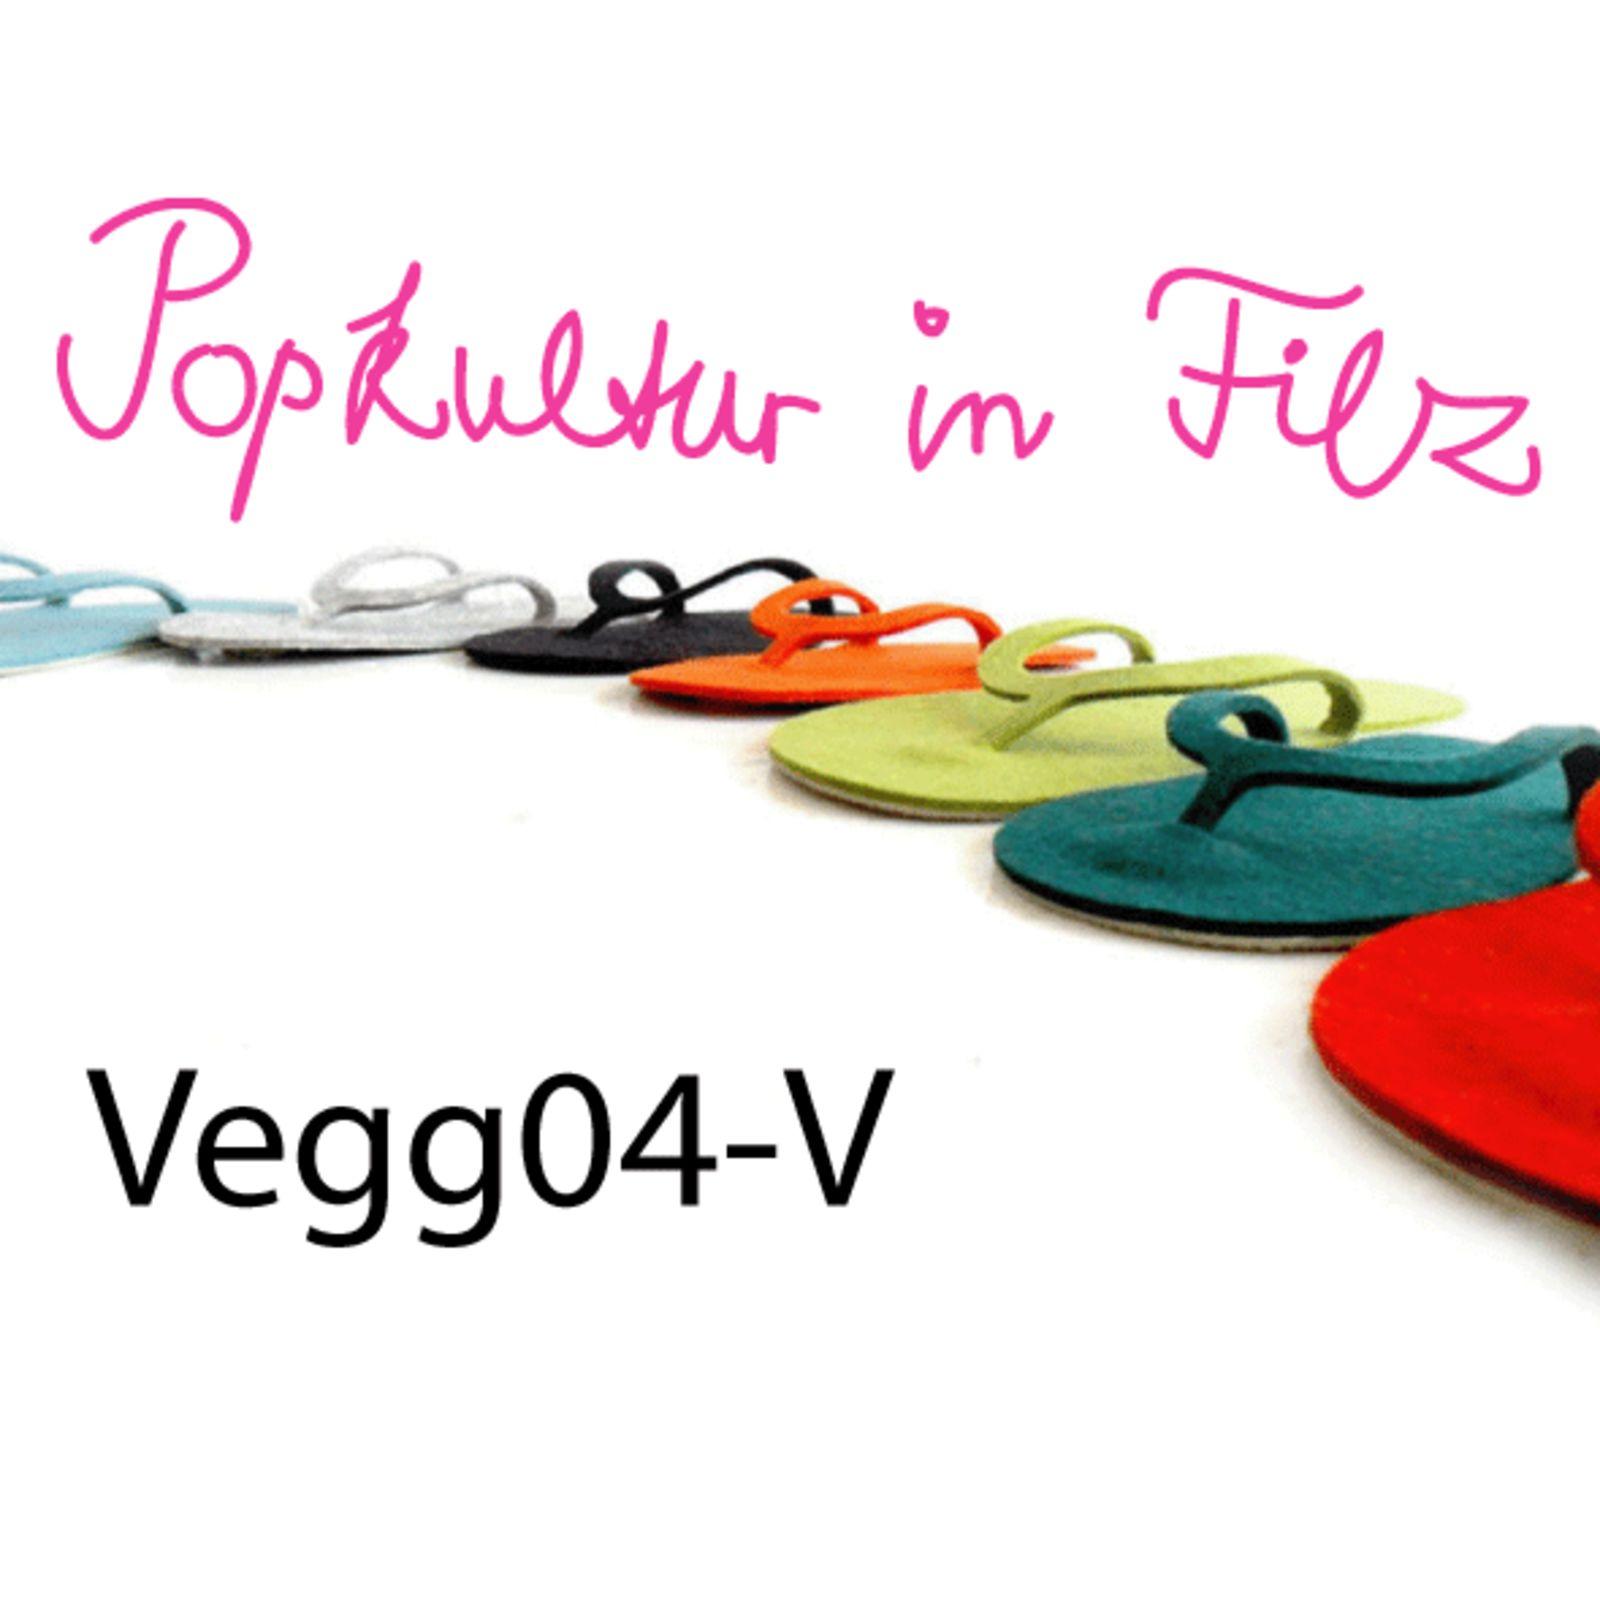 Vegg04-V Popkultur in Filz (Bild 1)